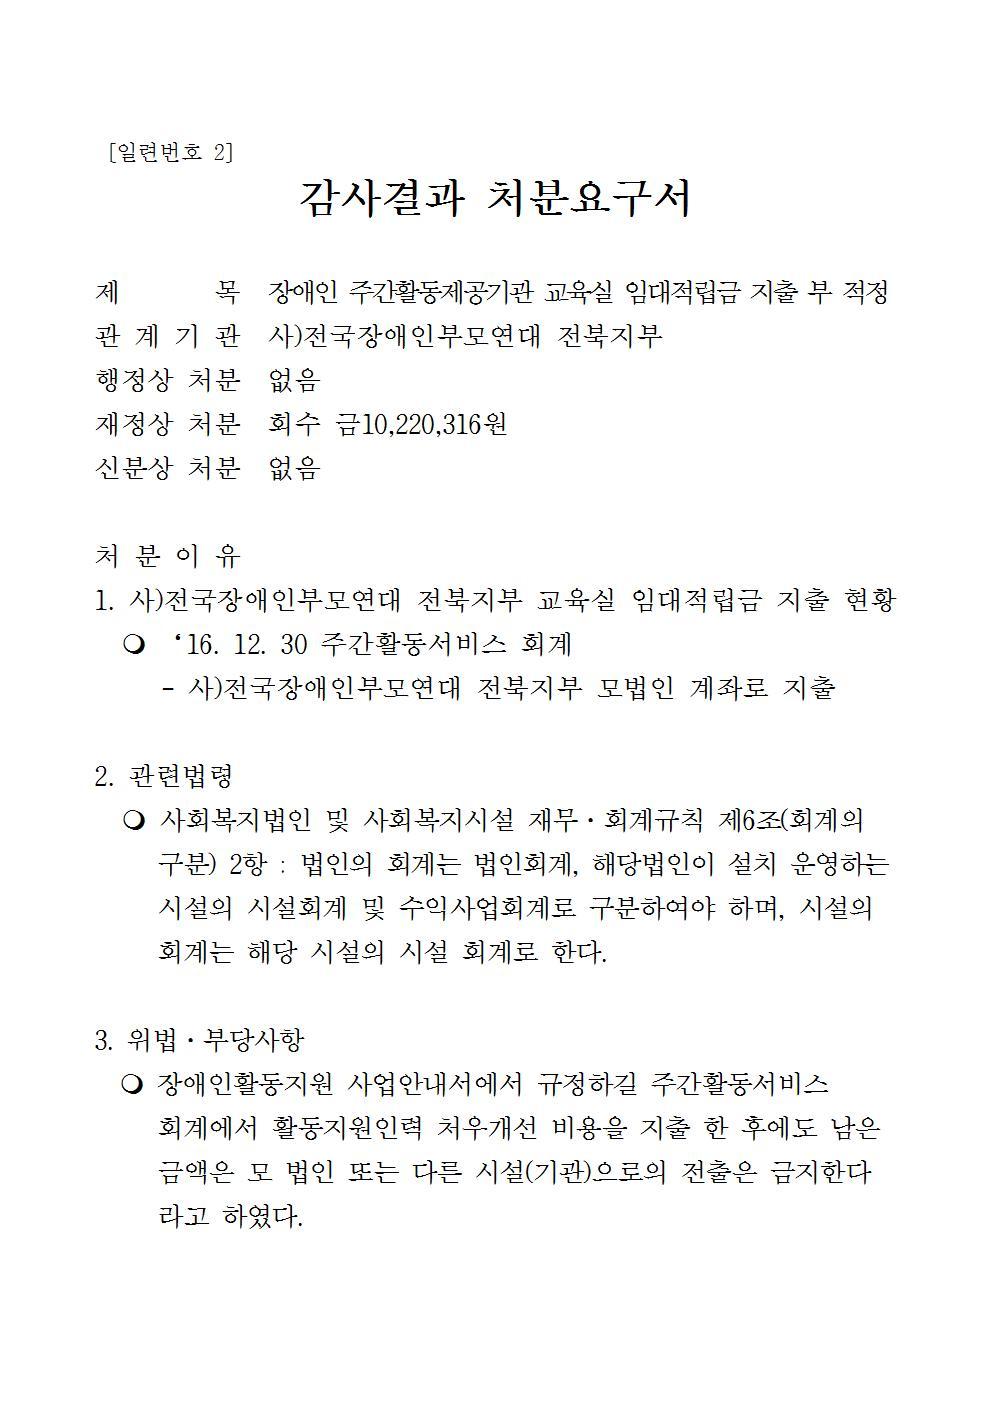 붙임) 처분요구서_전주시 생활복지과-37898(2017.9.1)호(공개용)003.jpg